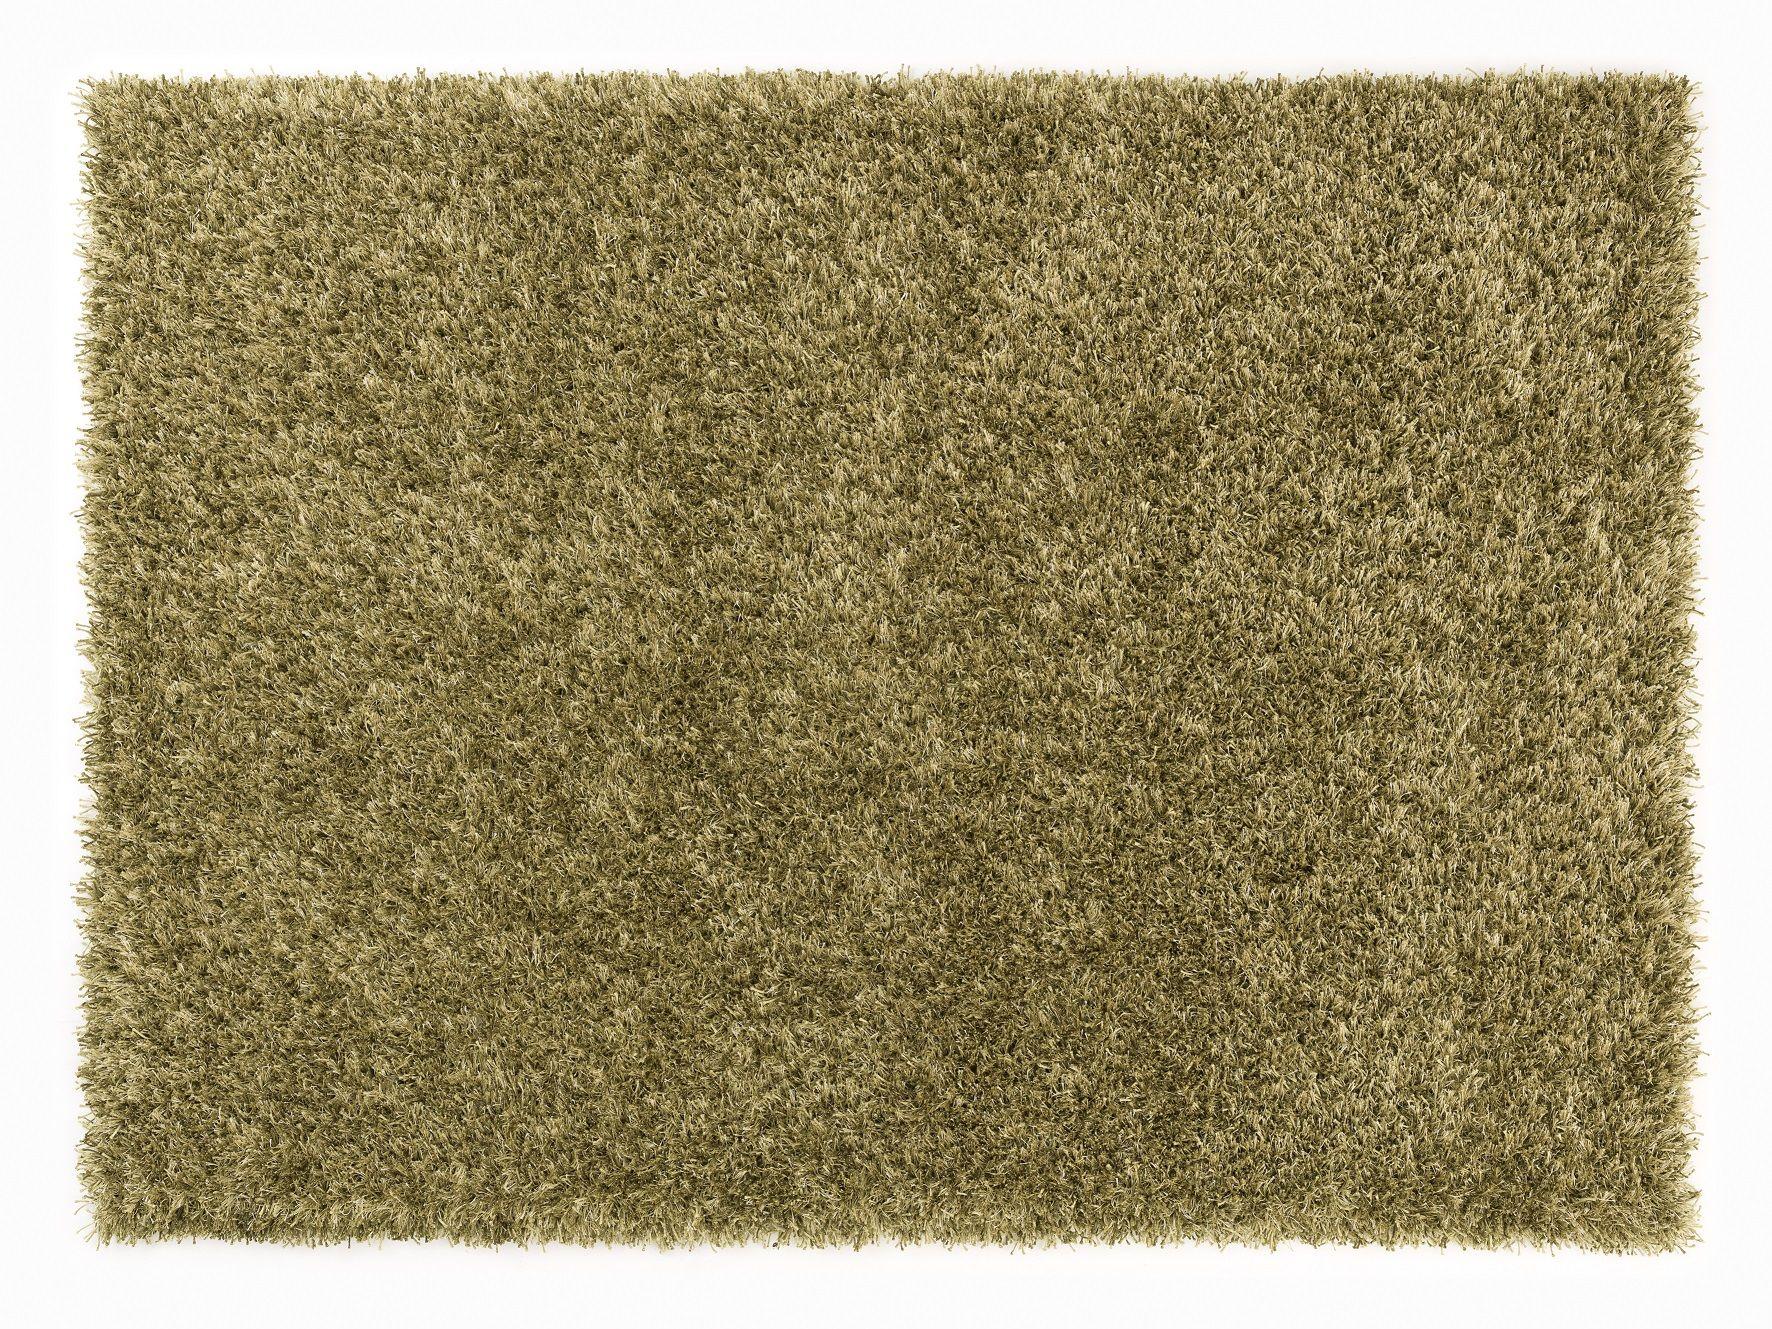 6160 001 035 Schoner Wohnen Teppich Feeling Teppich Reinisch Schoner Wohnen Kollektion Schoner Wohnen Wohnen Und Wohnwelt